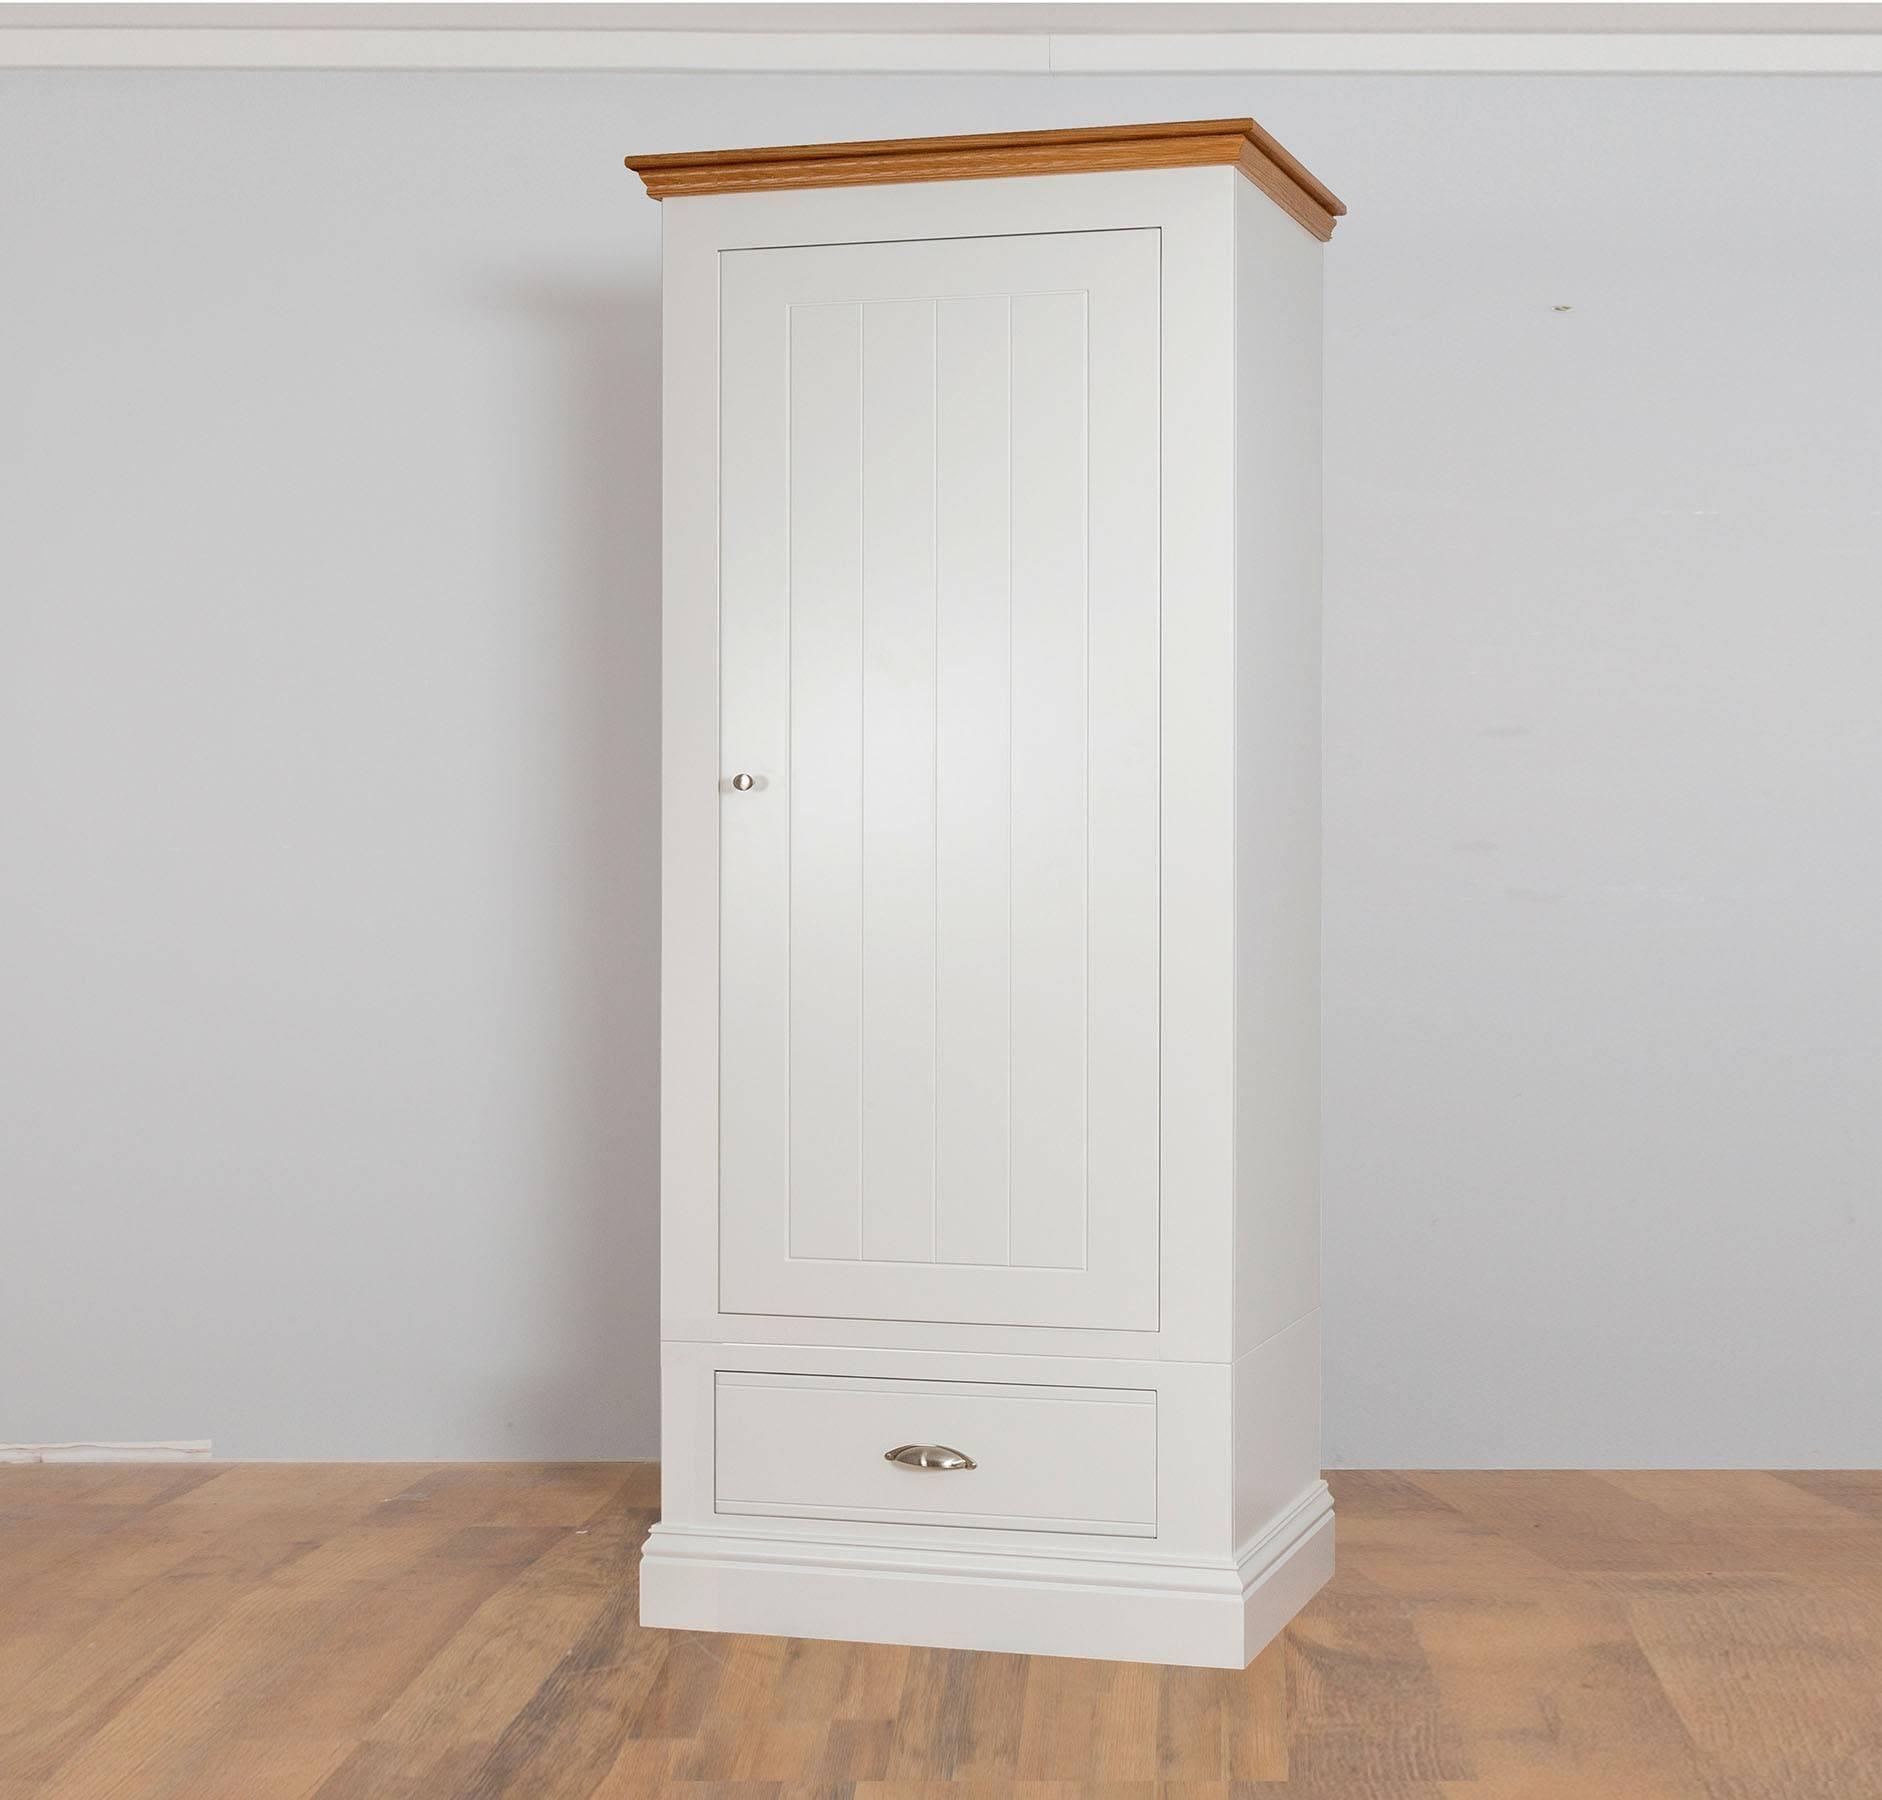 Jared Kushner Tags : 44 Unbelievable White Single Door Wardrobe pertaining to White Single Door Wardrobes (Image 6 of 15)